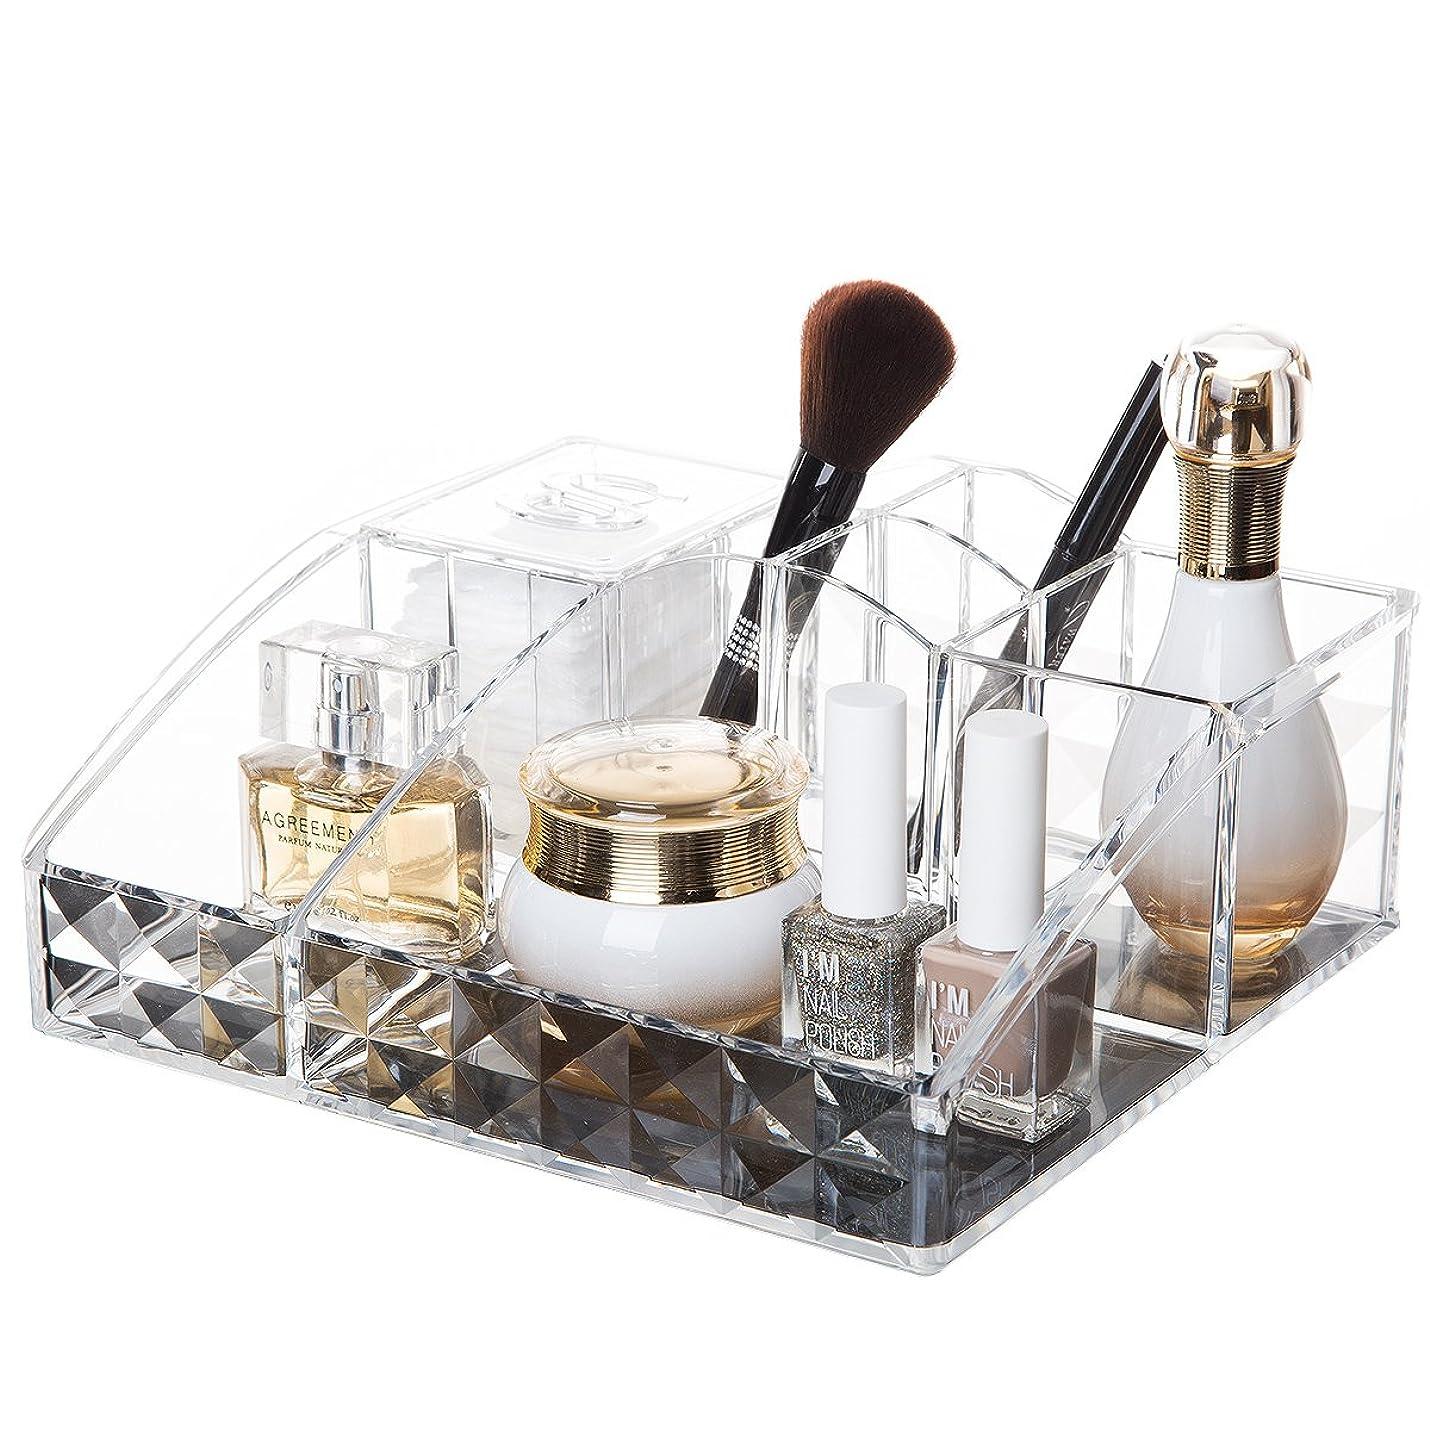 晴れギャロップ愛するコスメ収納ボックス アクリルケース 収納ケース 卓上収納 仕切り付き アクリル製 化粧道具 雑貨収納 洗面台 鏡台 (Y-1034)